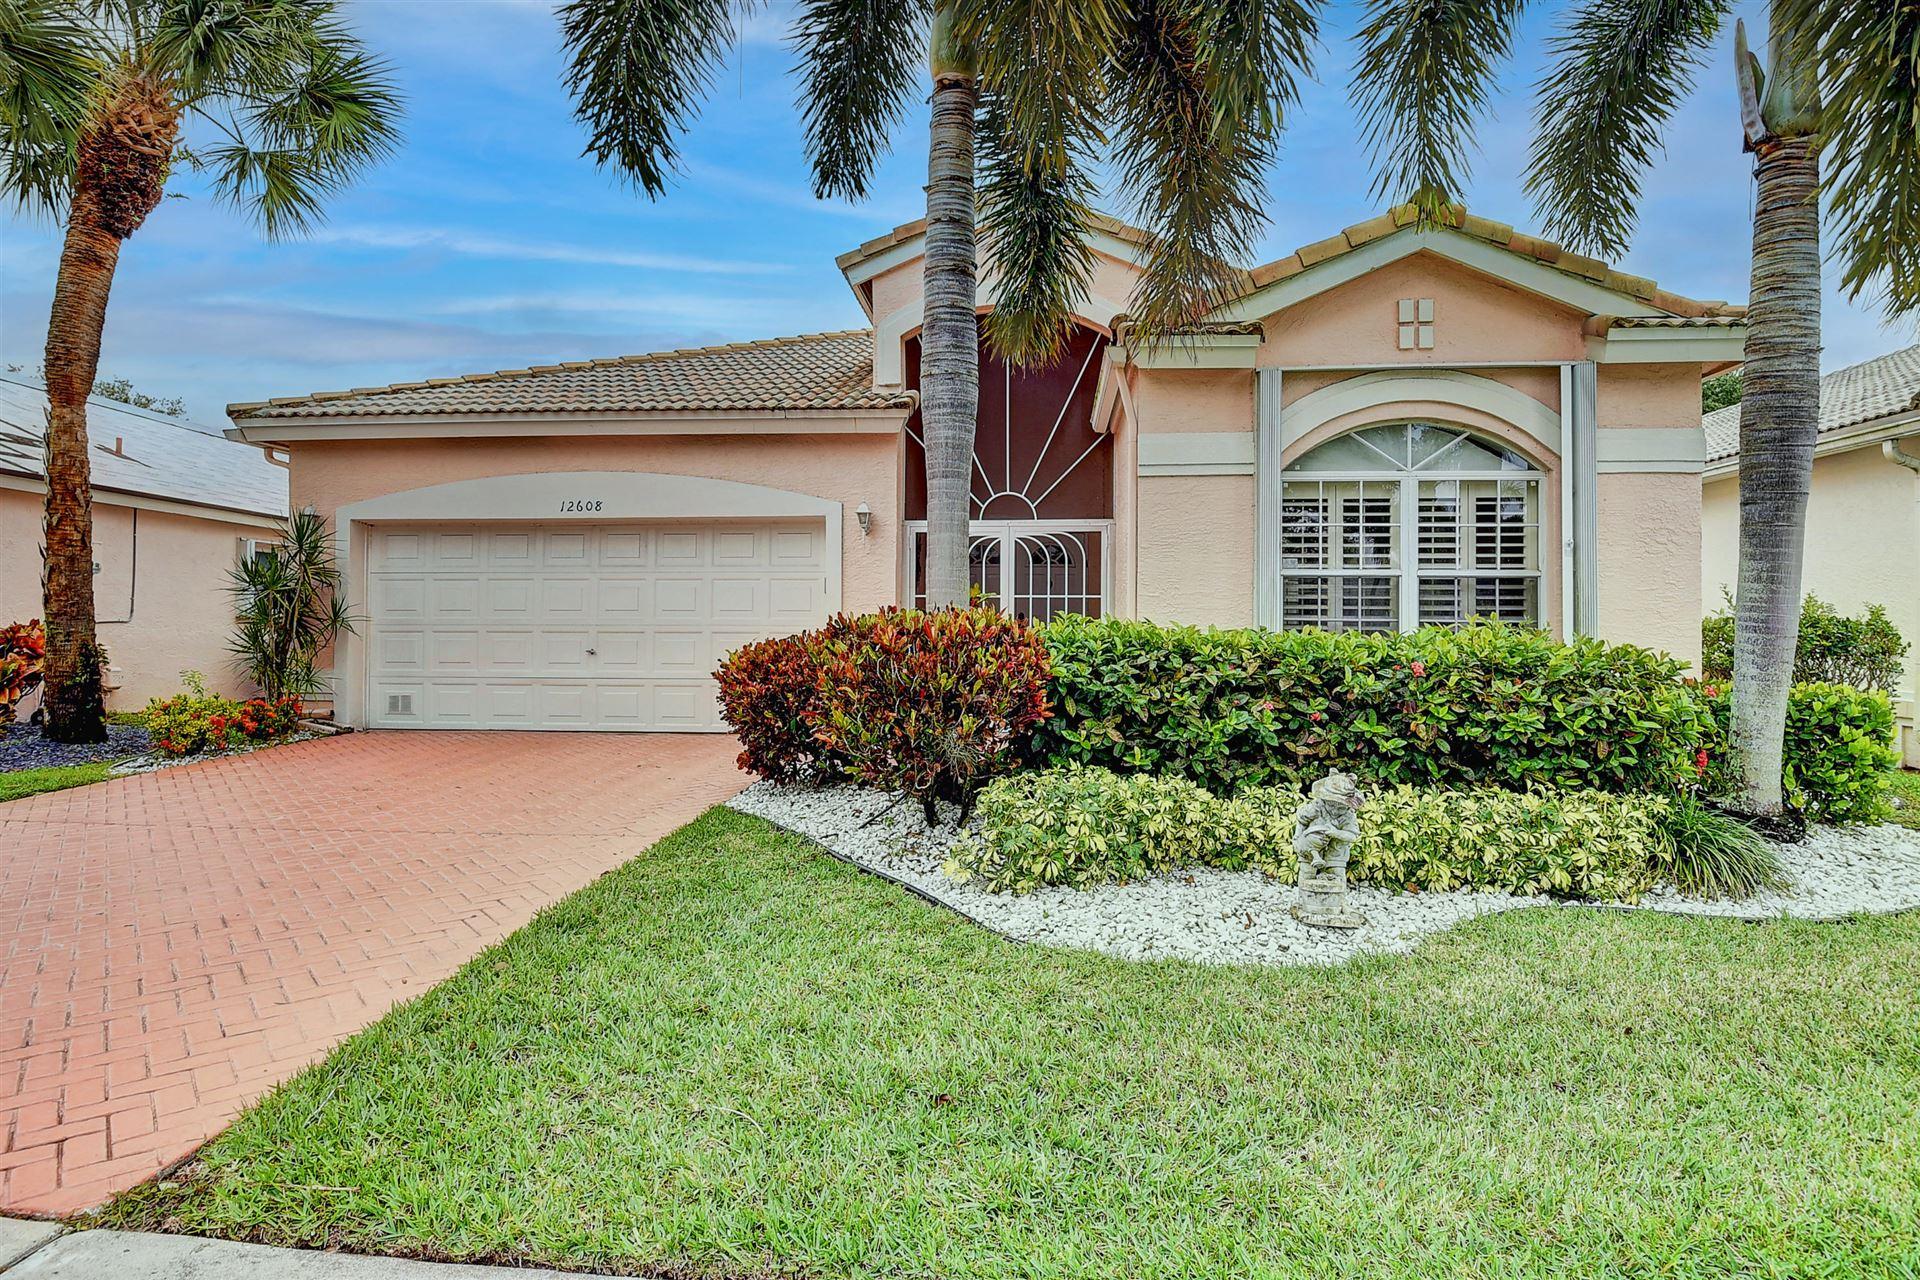 12608 Coral Lakes Drive, Boynton Beach, FL 33437 - #: RX-10707434